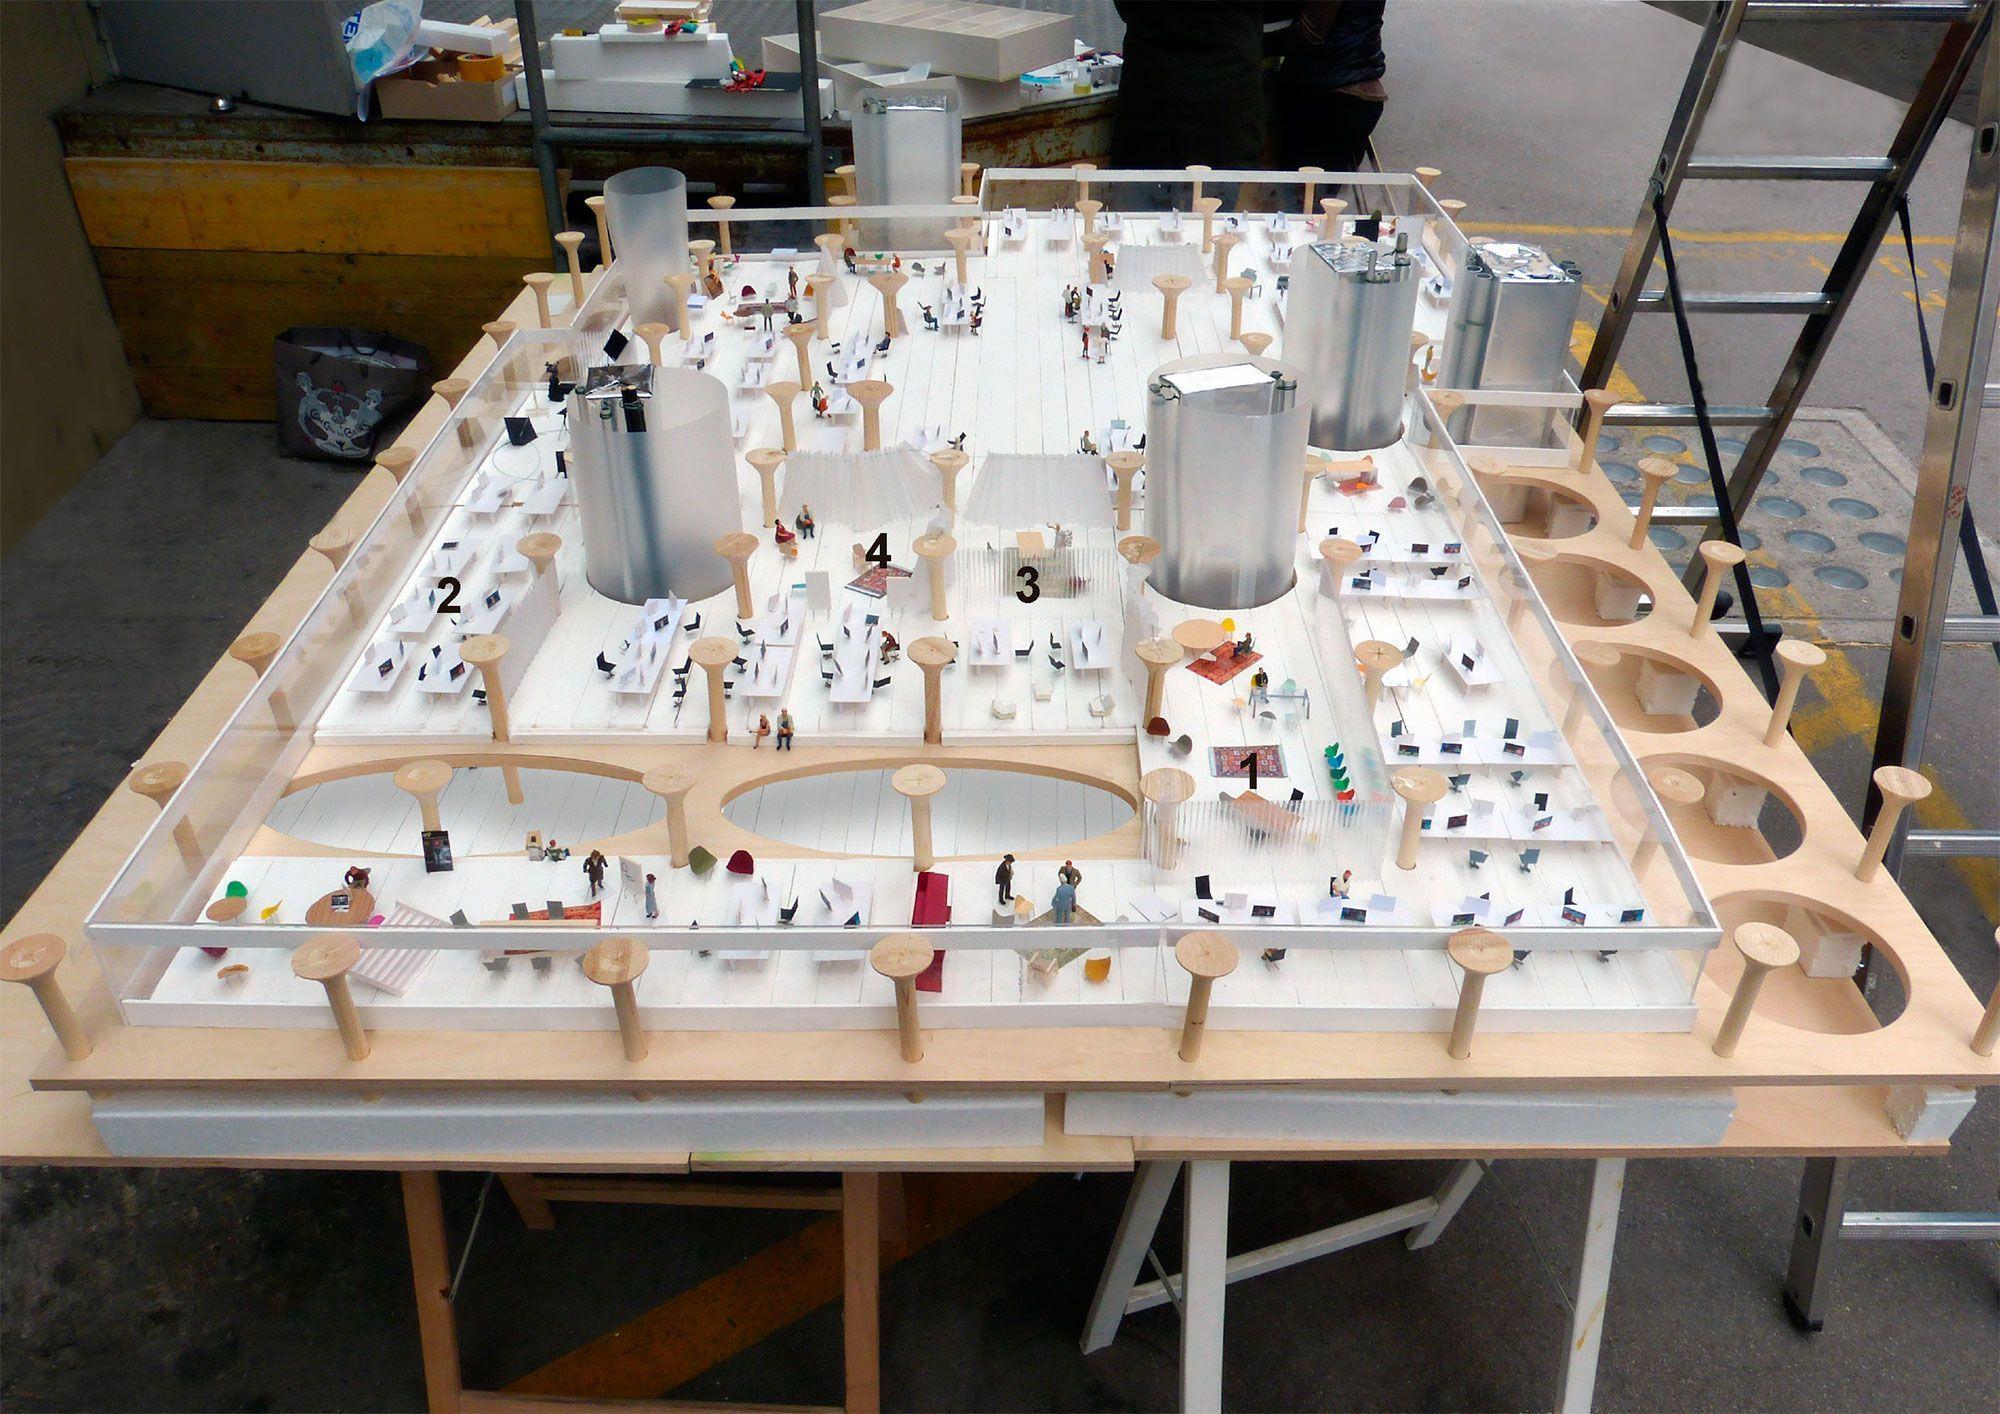 Christian Kerez VRT media building Brussels 2 models Pinterest